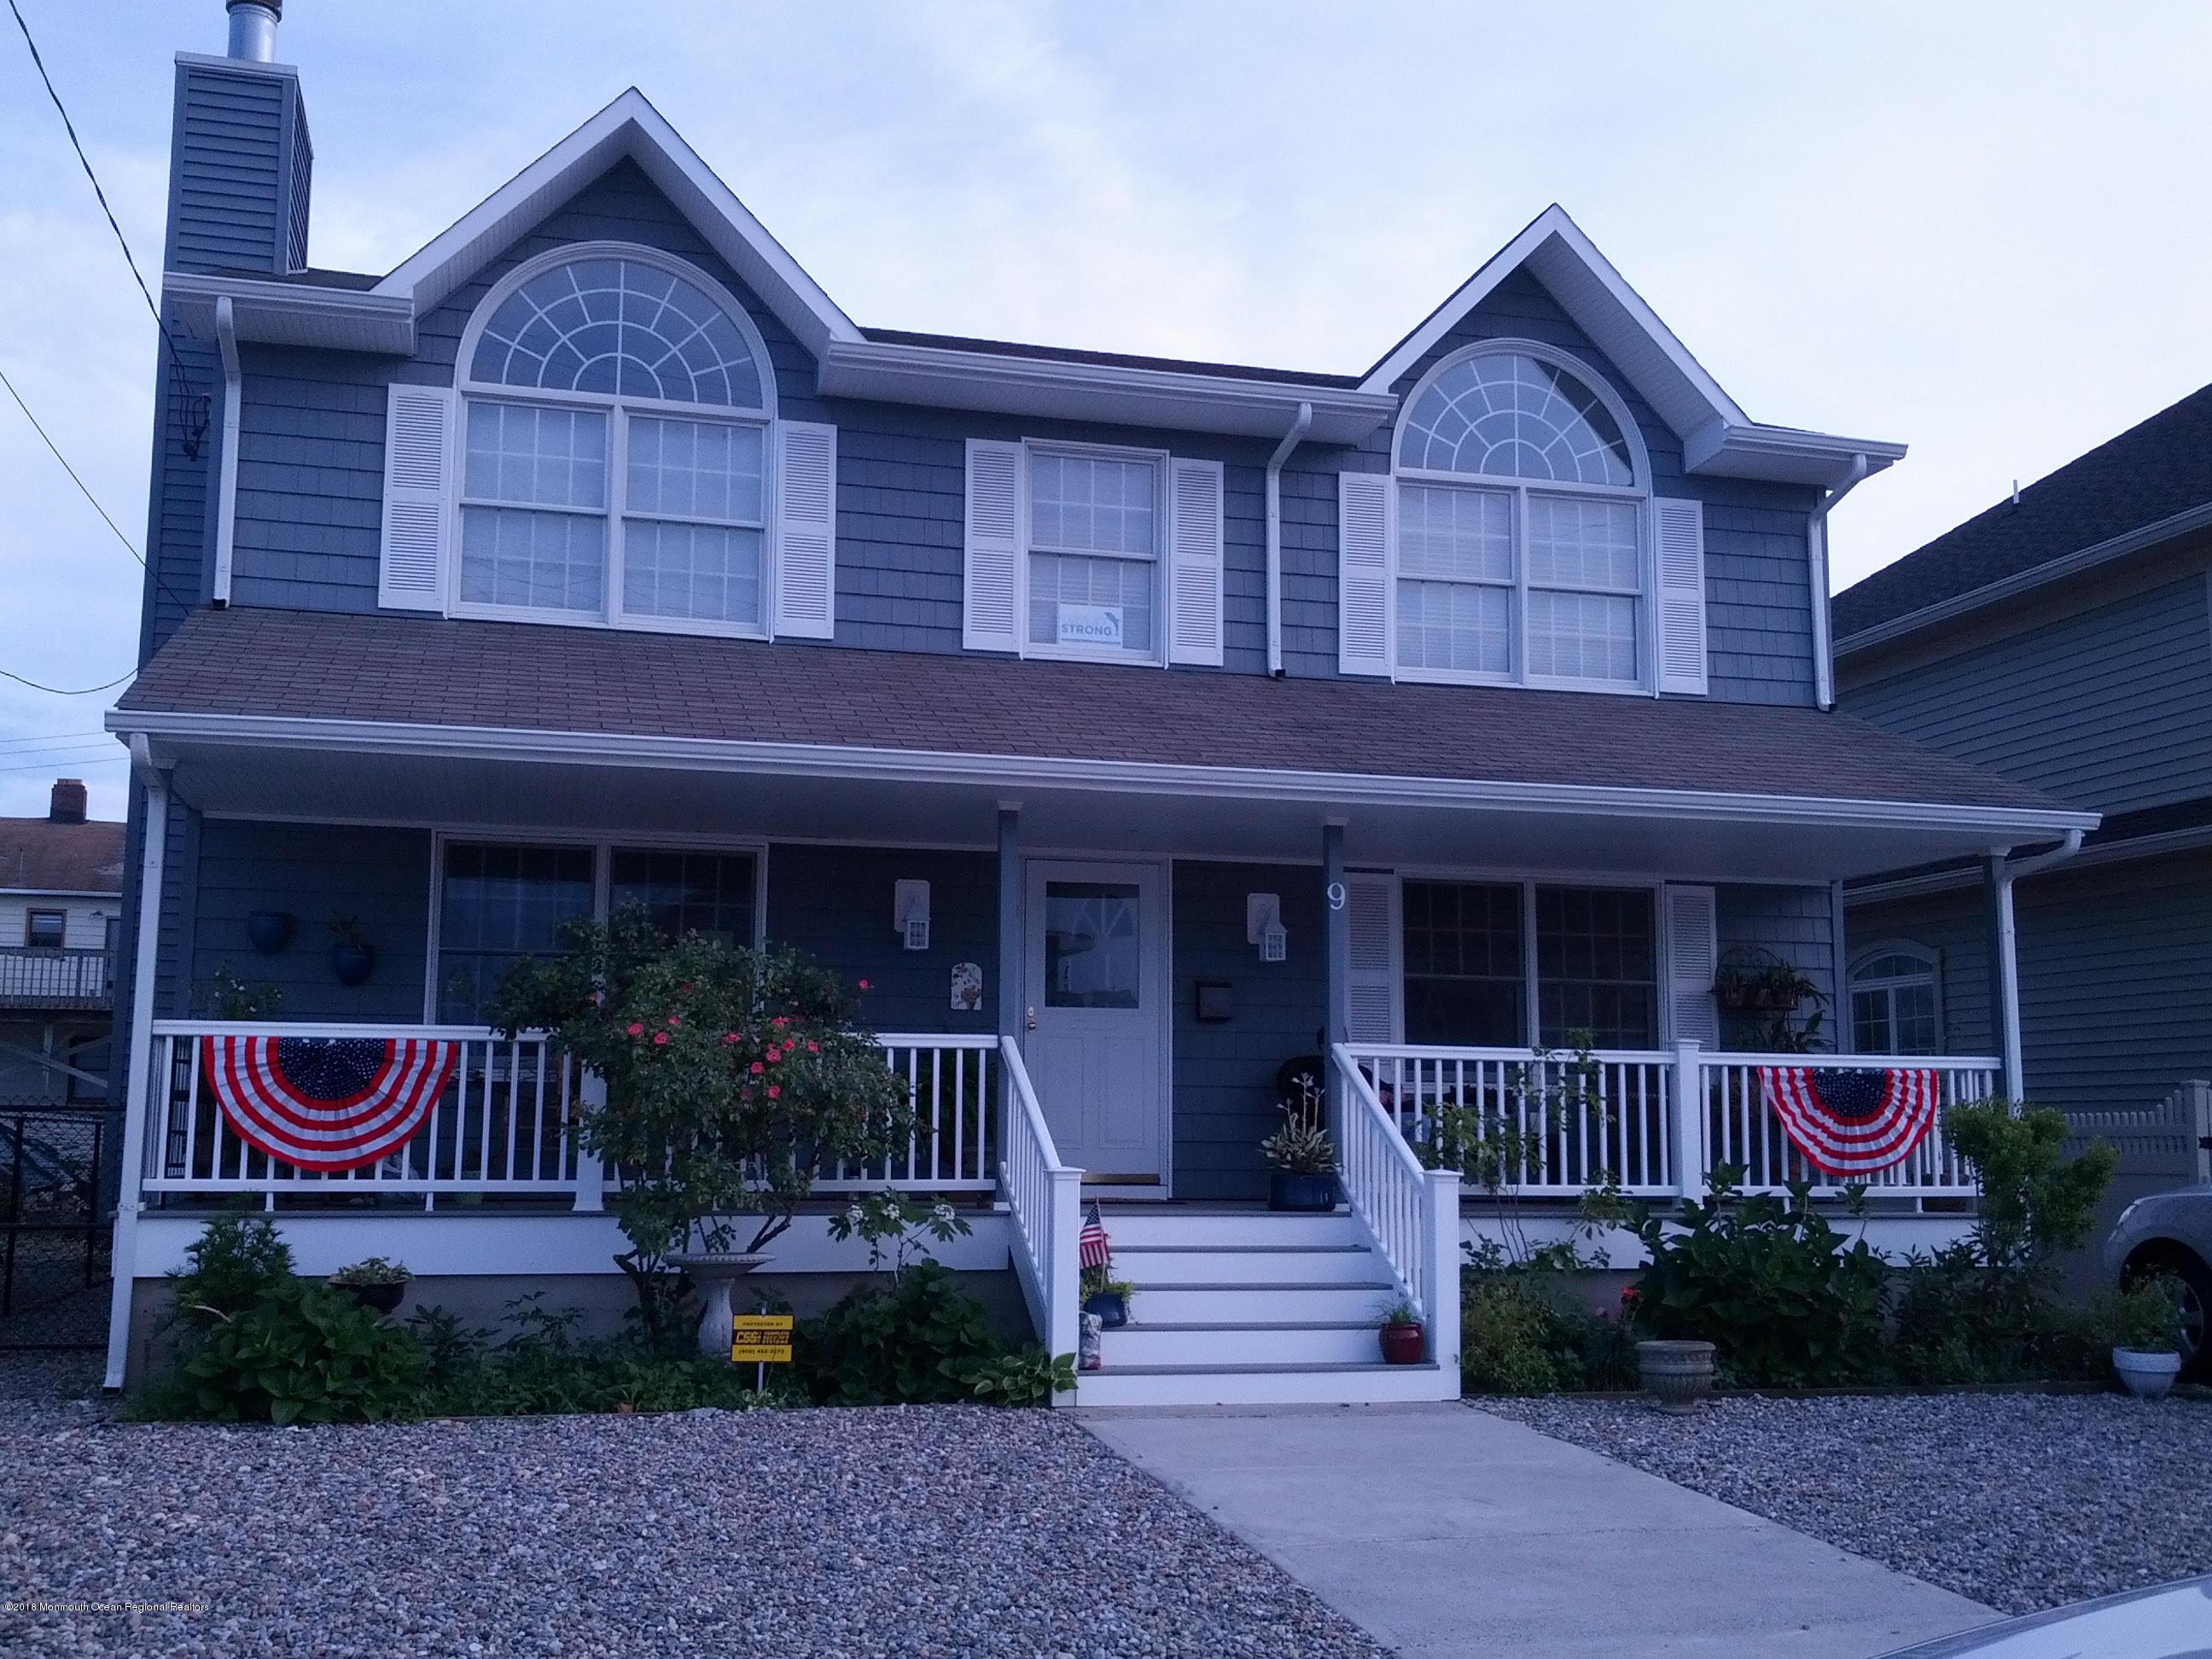 Maison unifamiliale pour l Vente à 9 6th Avenue 9 6th Avenue Seaside Heights, New Jersey 08751 États-Unis